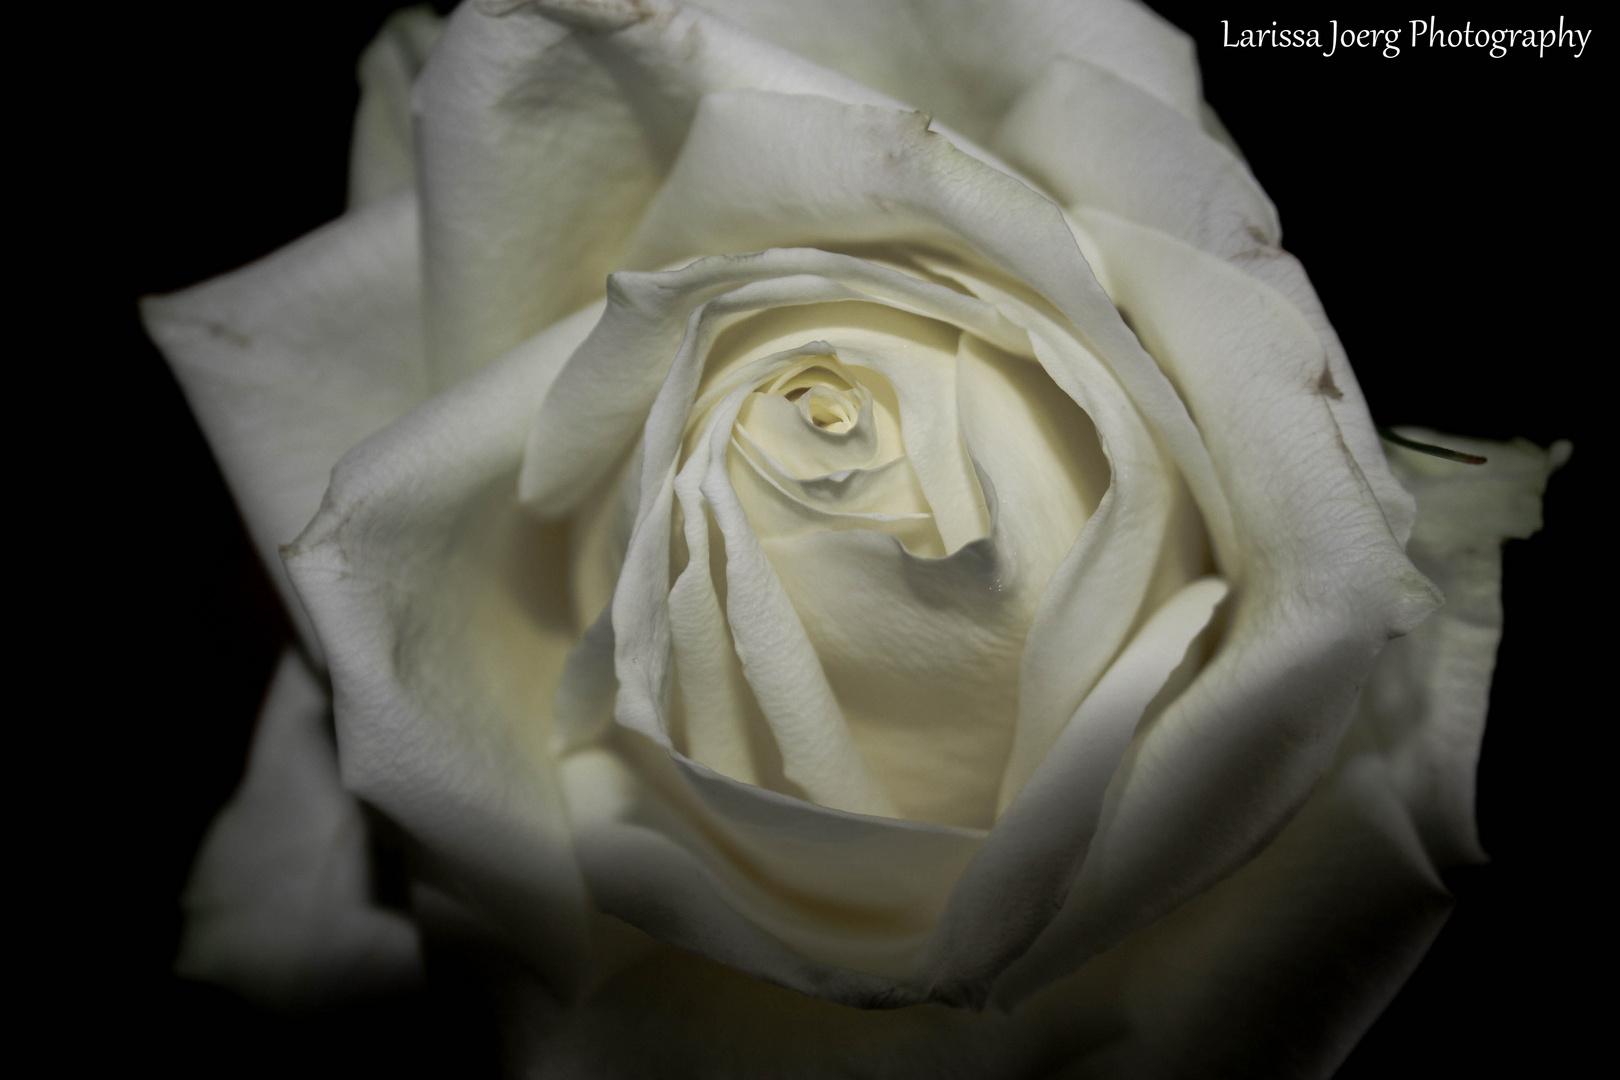 vorletzten Samstag hab ich nen Strauß voll Rosen bekommen